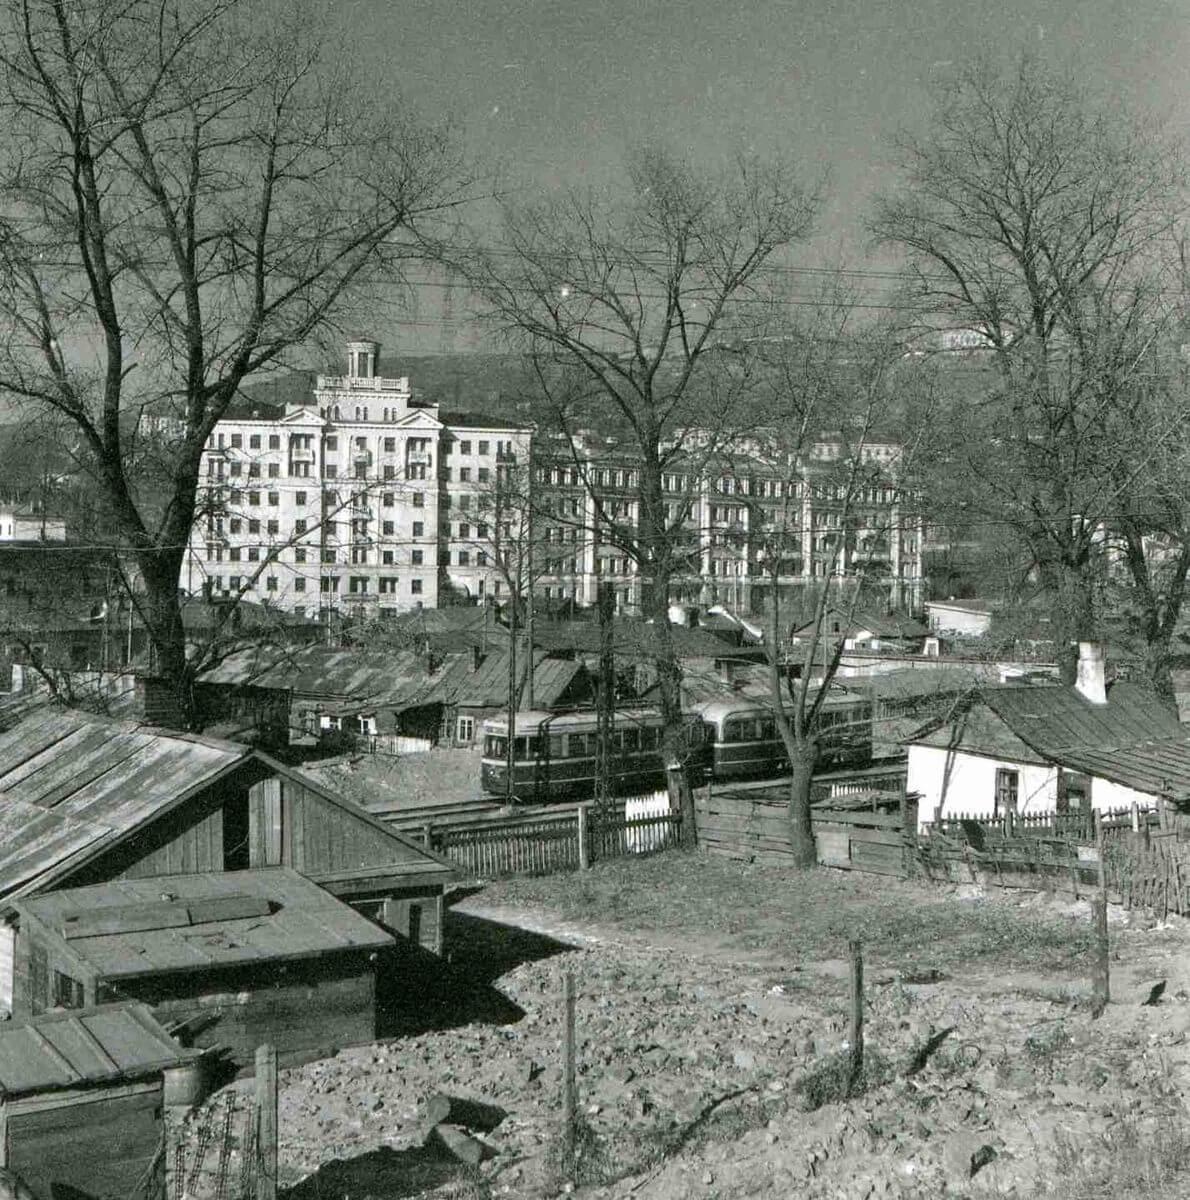 Площадь Луговая. 1960-е годы.